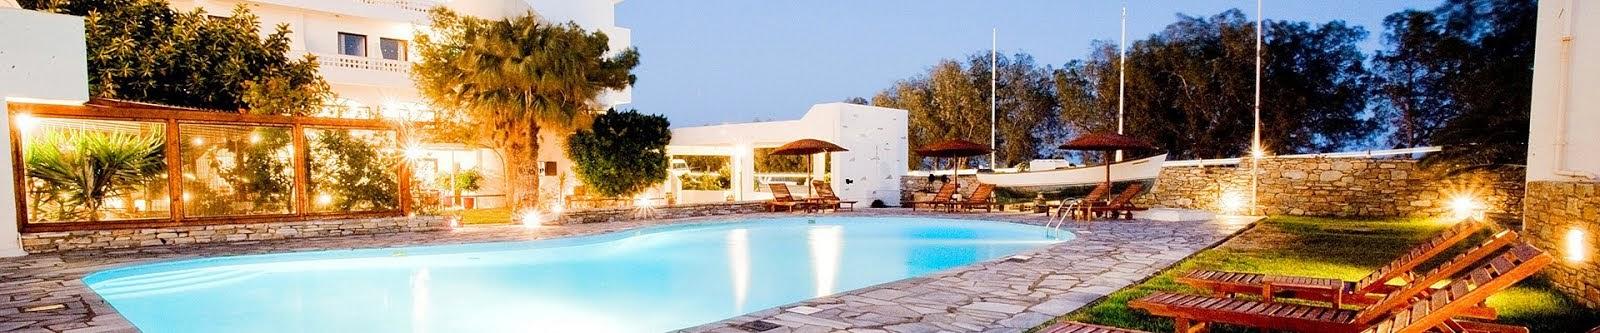 Aiolos Bay Hotel